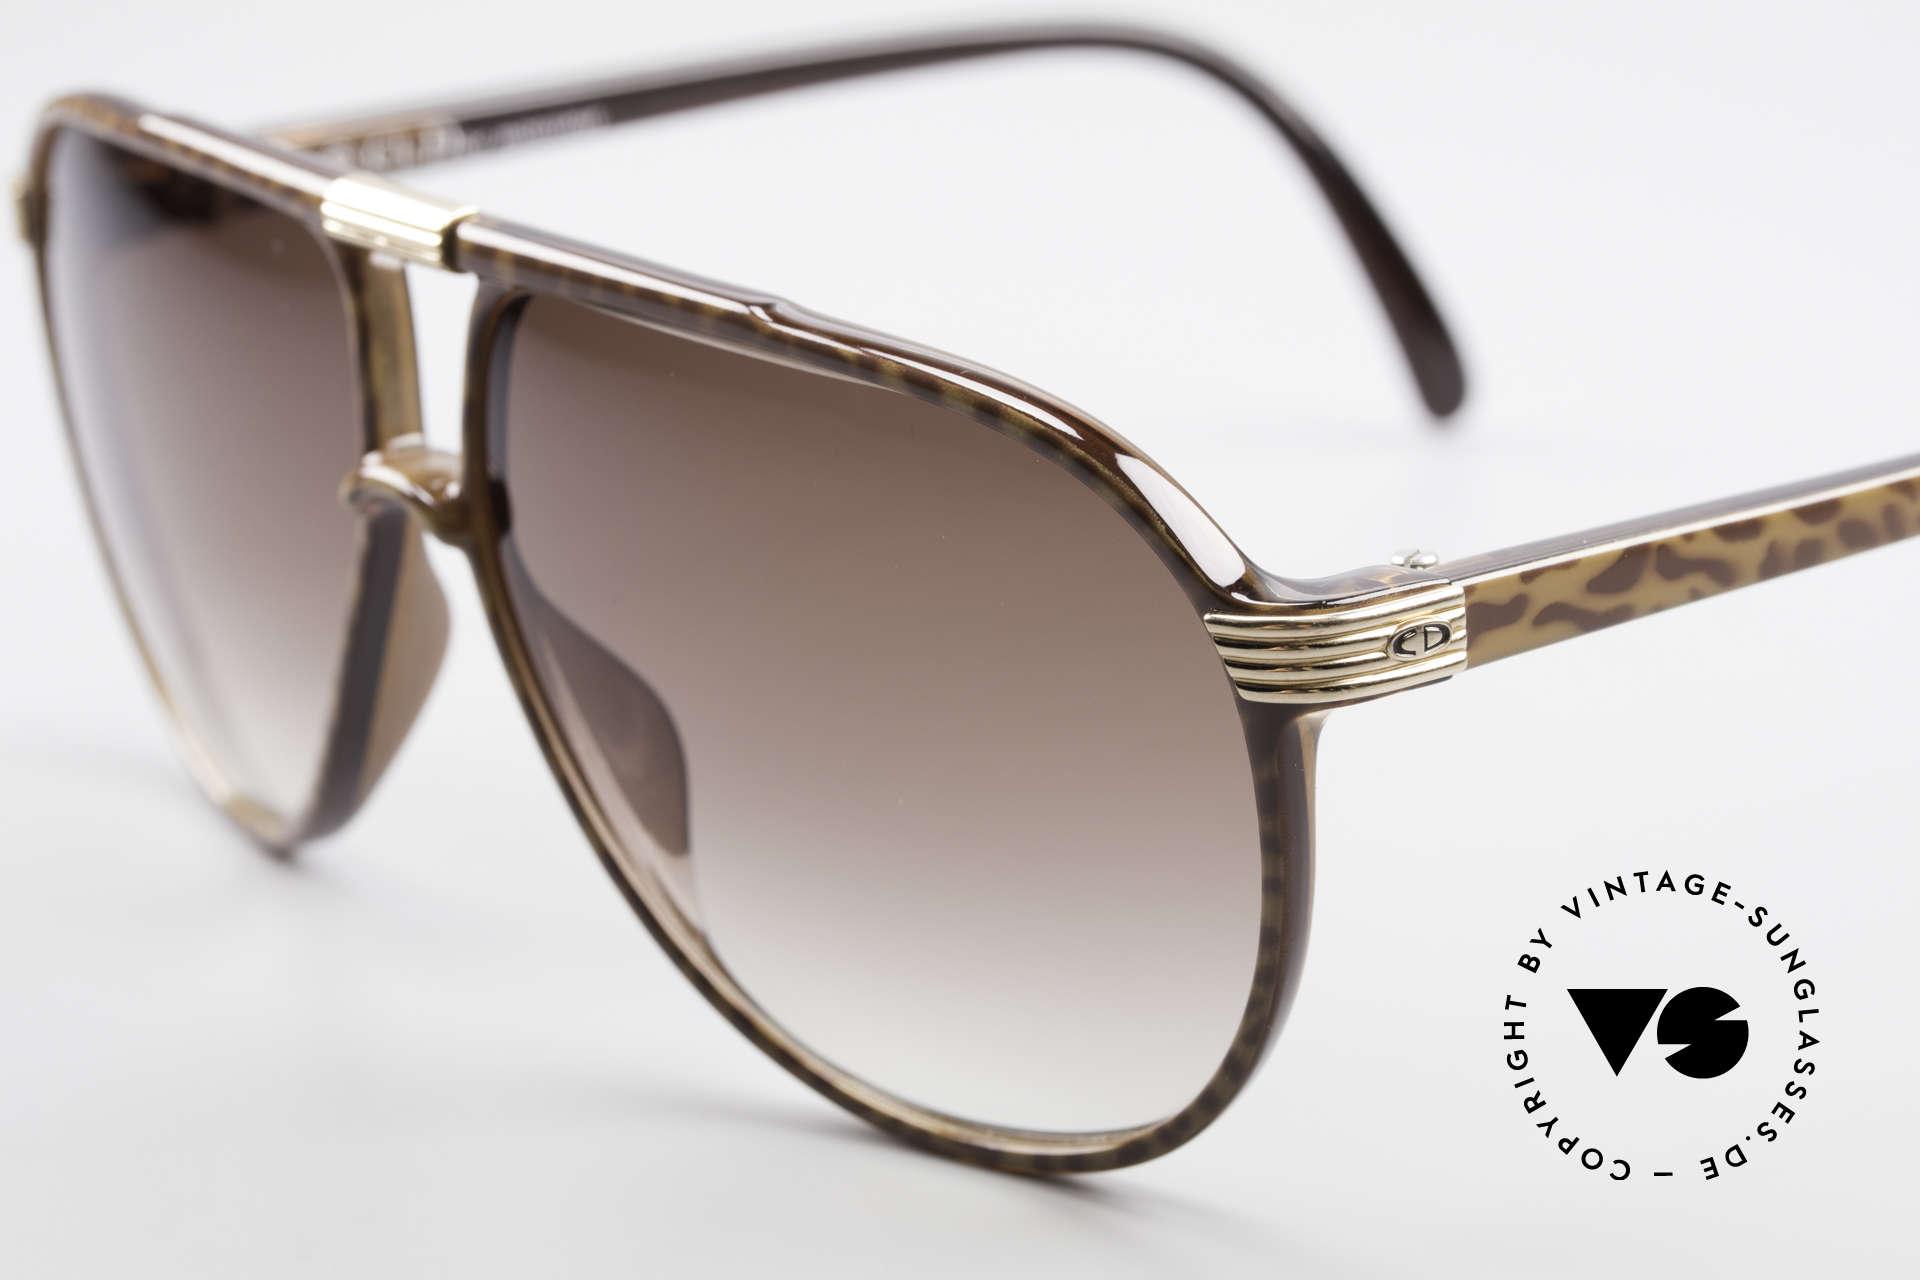 Christian Dior 2300 80er Aviator Sonnenbrille, der Kunststoff scheint wie für die Ewigkeit gemacht, Passend für Herren